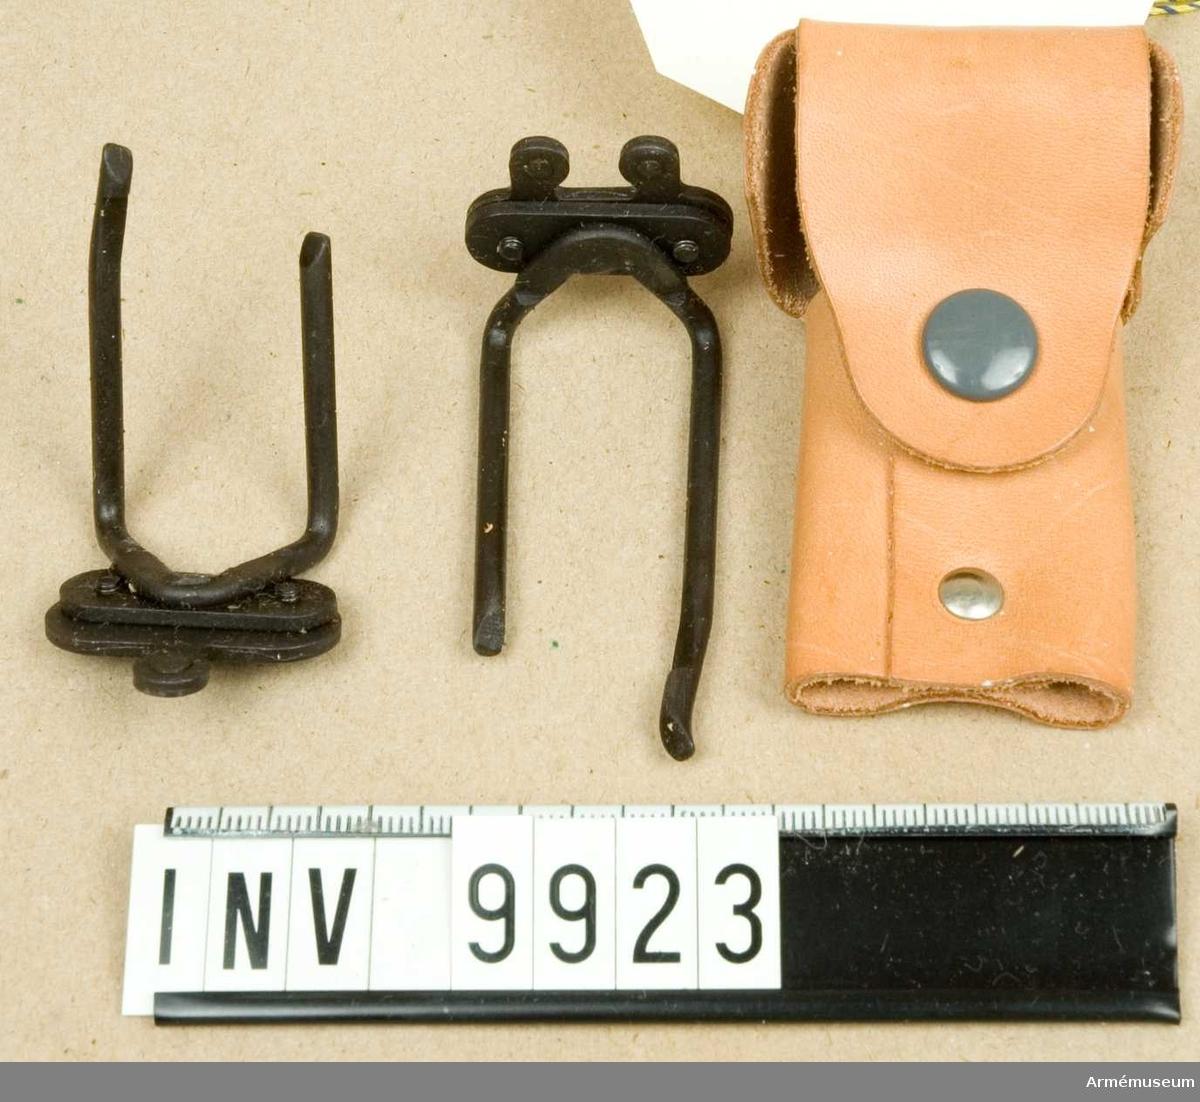 """Mörkerriktmedel.För kulsprutepistol m/1945, försökstyp 1, 3-punkt, 1954.Består av: 1 st fodral av läder märkt """"Kpist 1"""". 1 st korn märkt """"Kpist 1"""". 1 st sikte märkt """"Kpist 1"""".Konstruerad av KATF VaB 1. Truppförsök: 1953-55 jml Ao nr 60:26 den 29/9 1954. Principen fastställd jfr Ast/Utr nr 60:26 den 30/4 1955. Tillhör: PcU/H. Blysigill märkt: """"AKGF""""- en krona med två svärd i kors.Gåva från FMV/A:AIL försöksgrupp."""